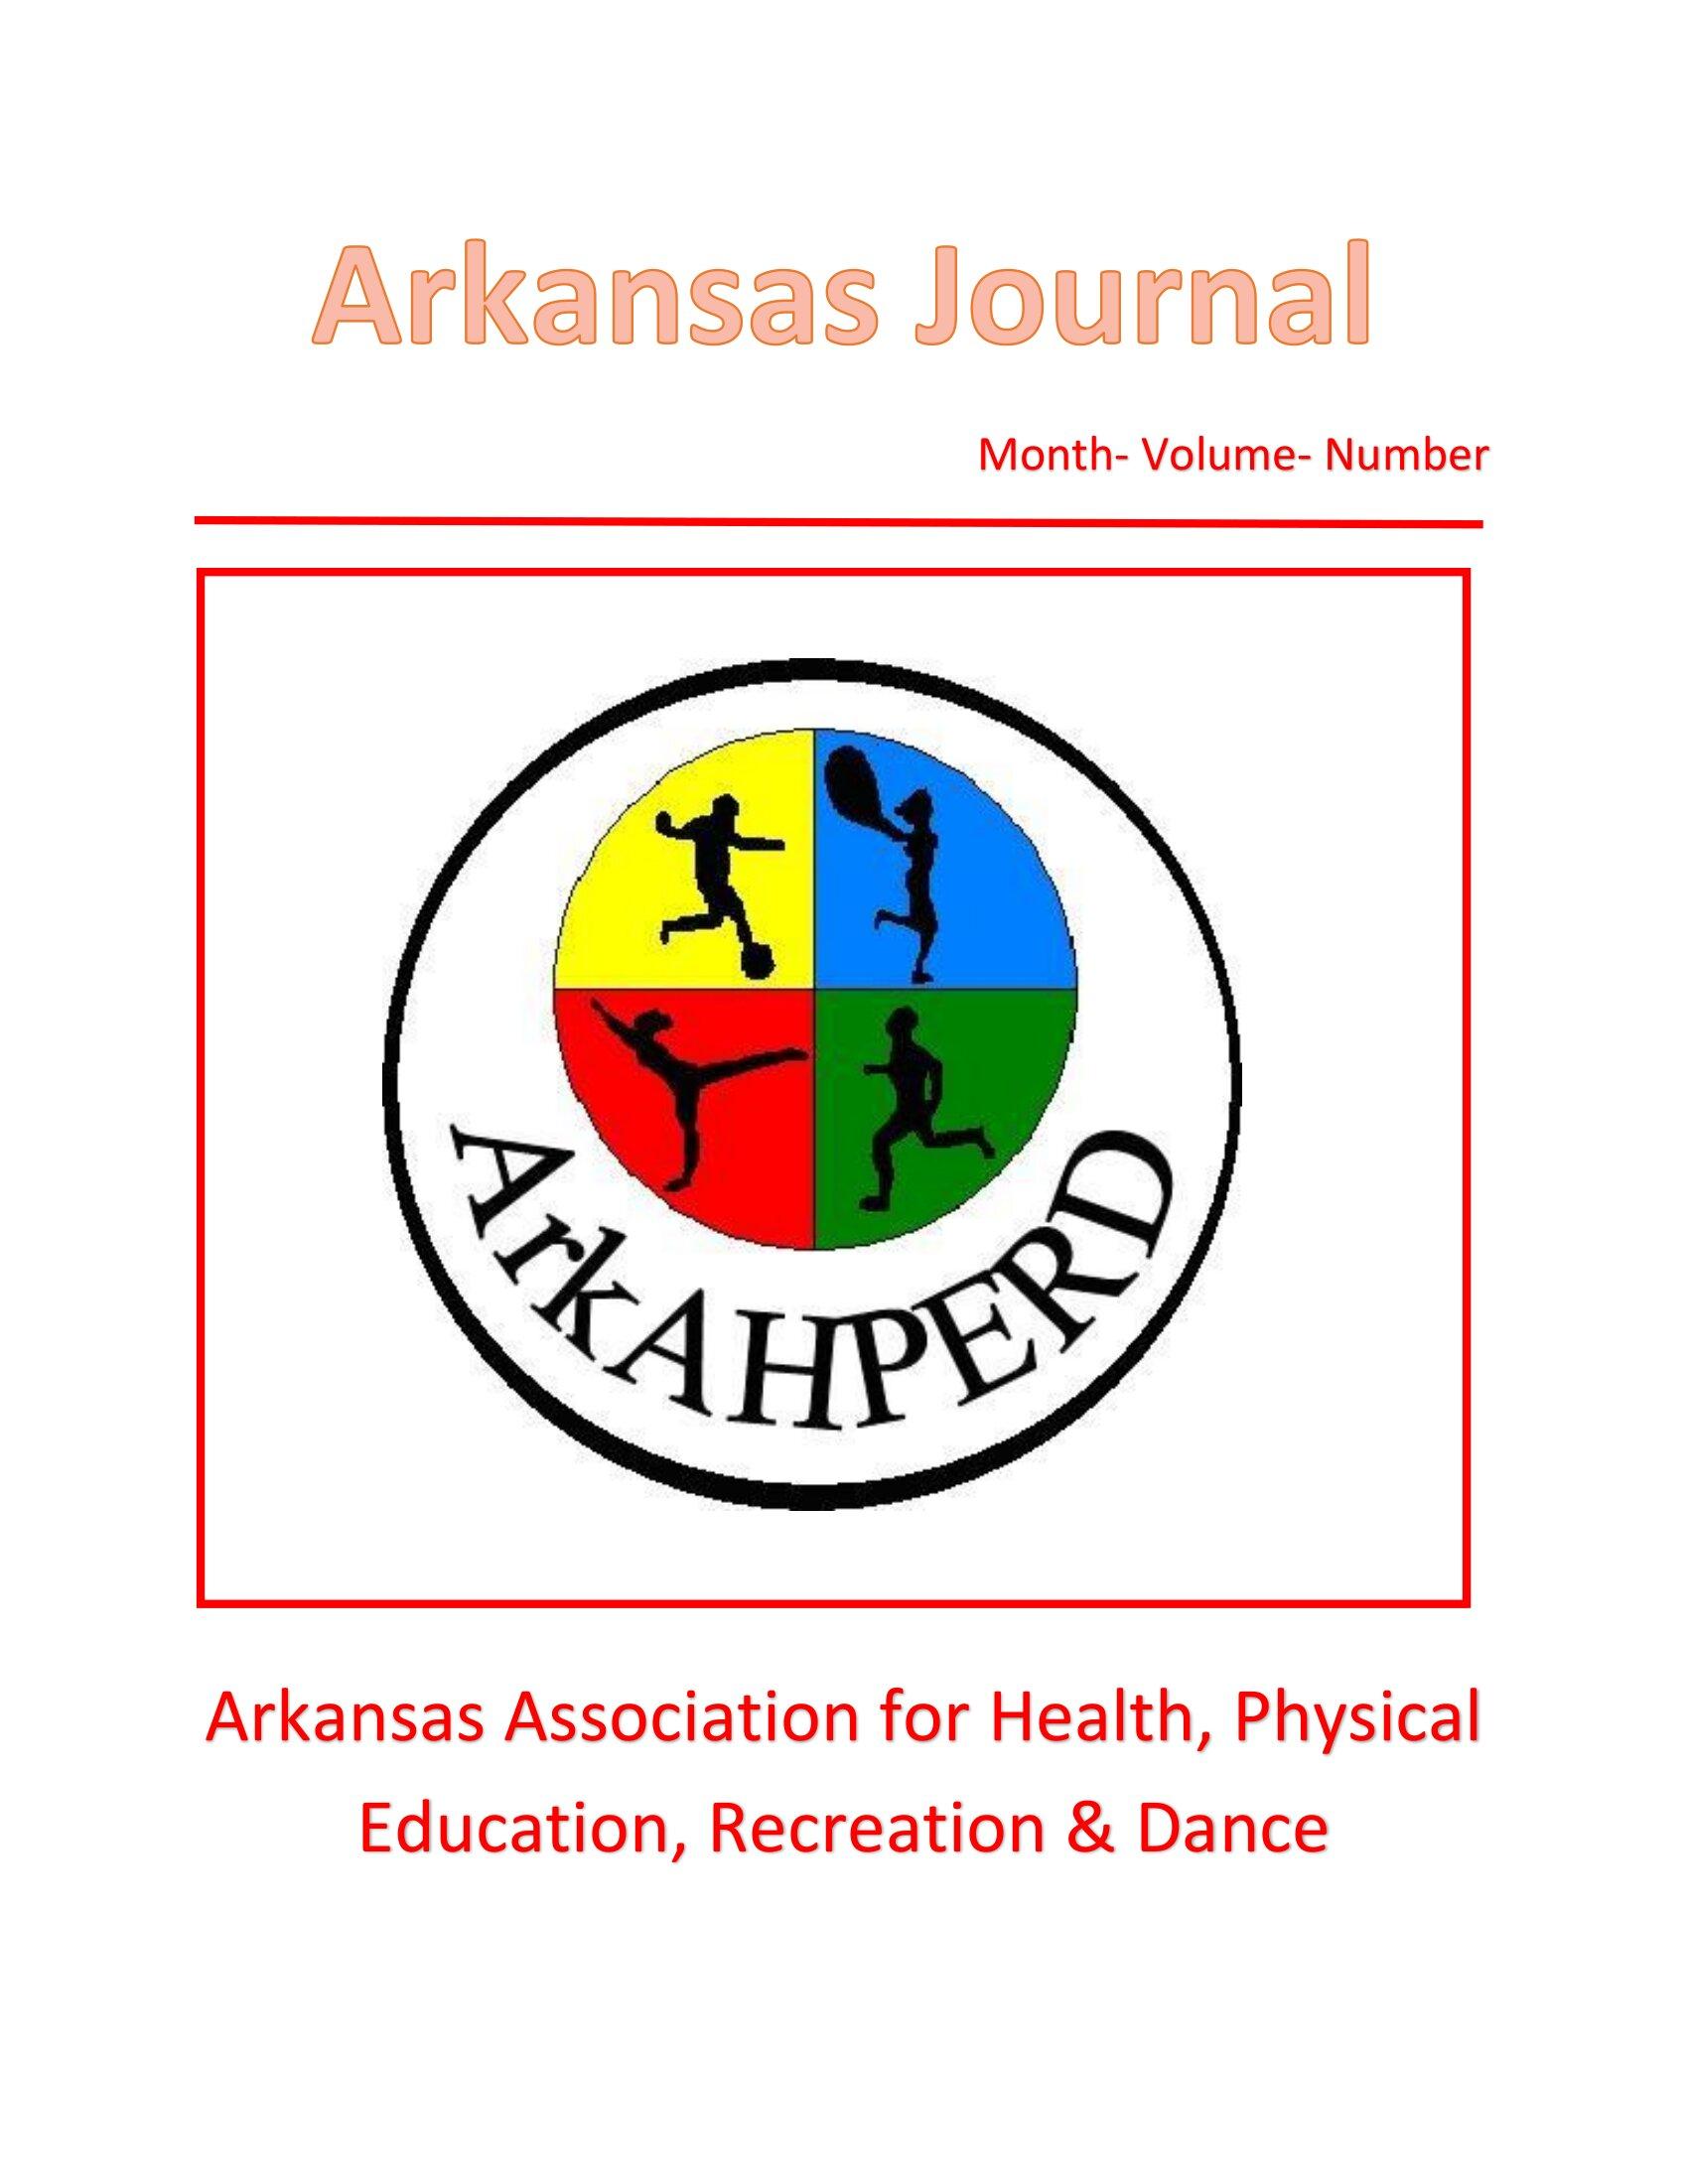 Arkansas Journal Arkahperd cover